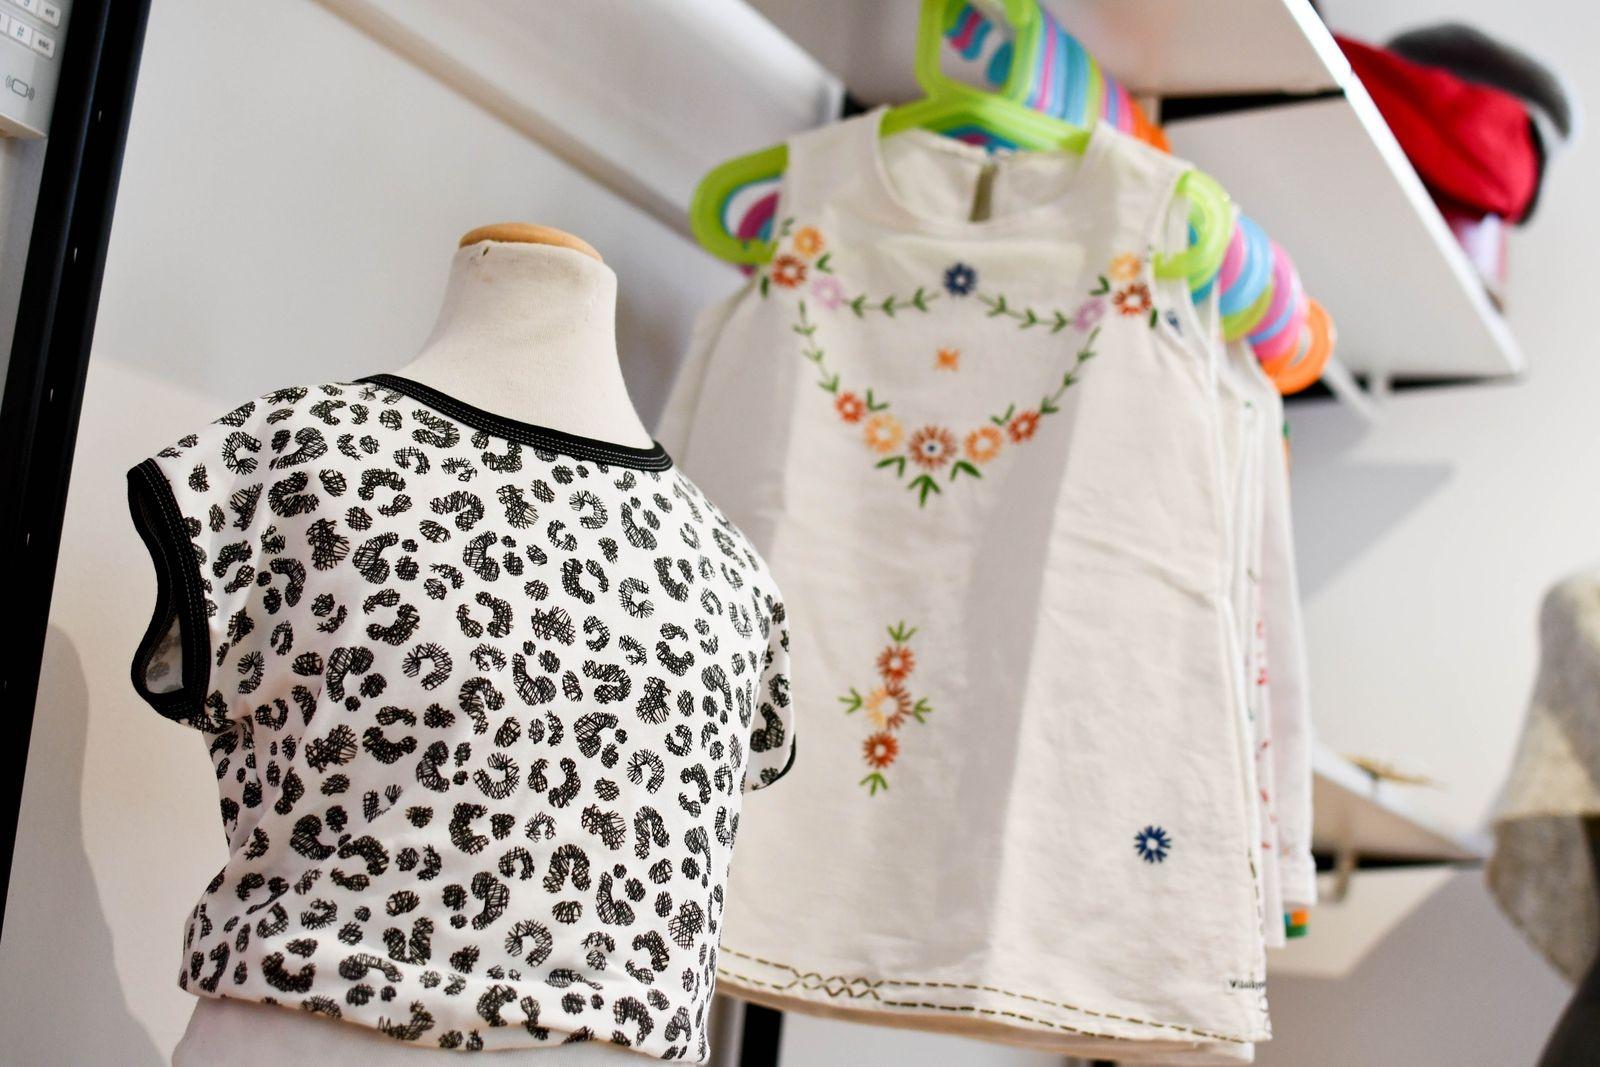 I butiken erbjuder Jenny främst plagg från sitt eget varumärke, men även lite accessoarer, handsydda barnkläder av andra märken och en del ullplagg från gotländska Naturnära.